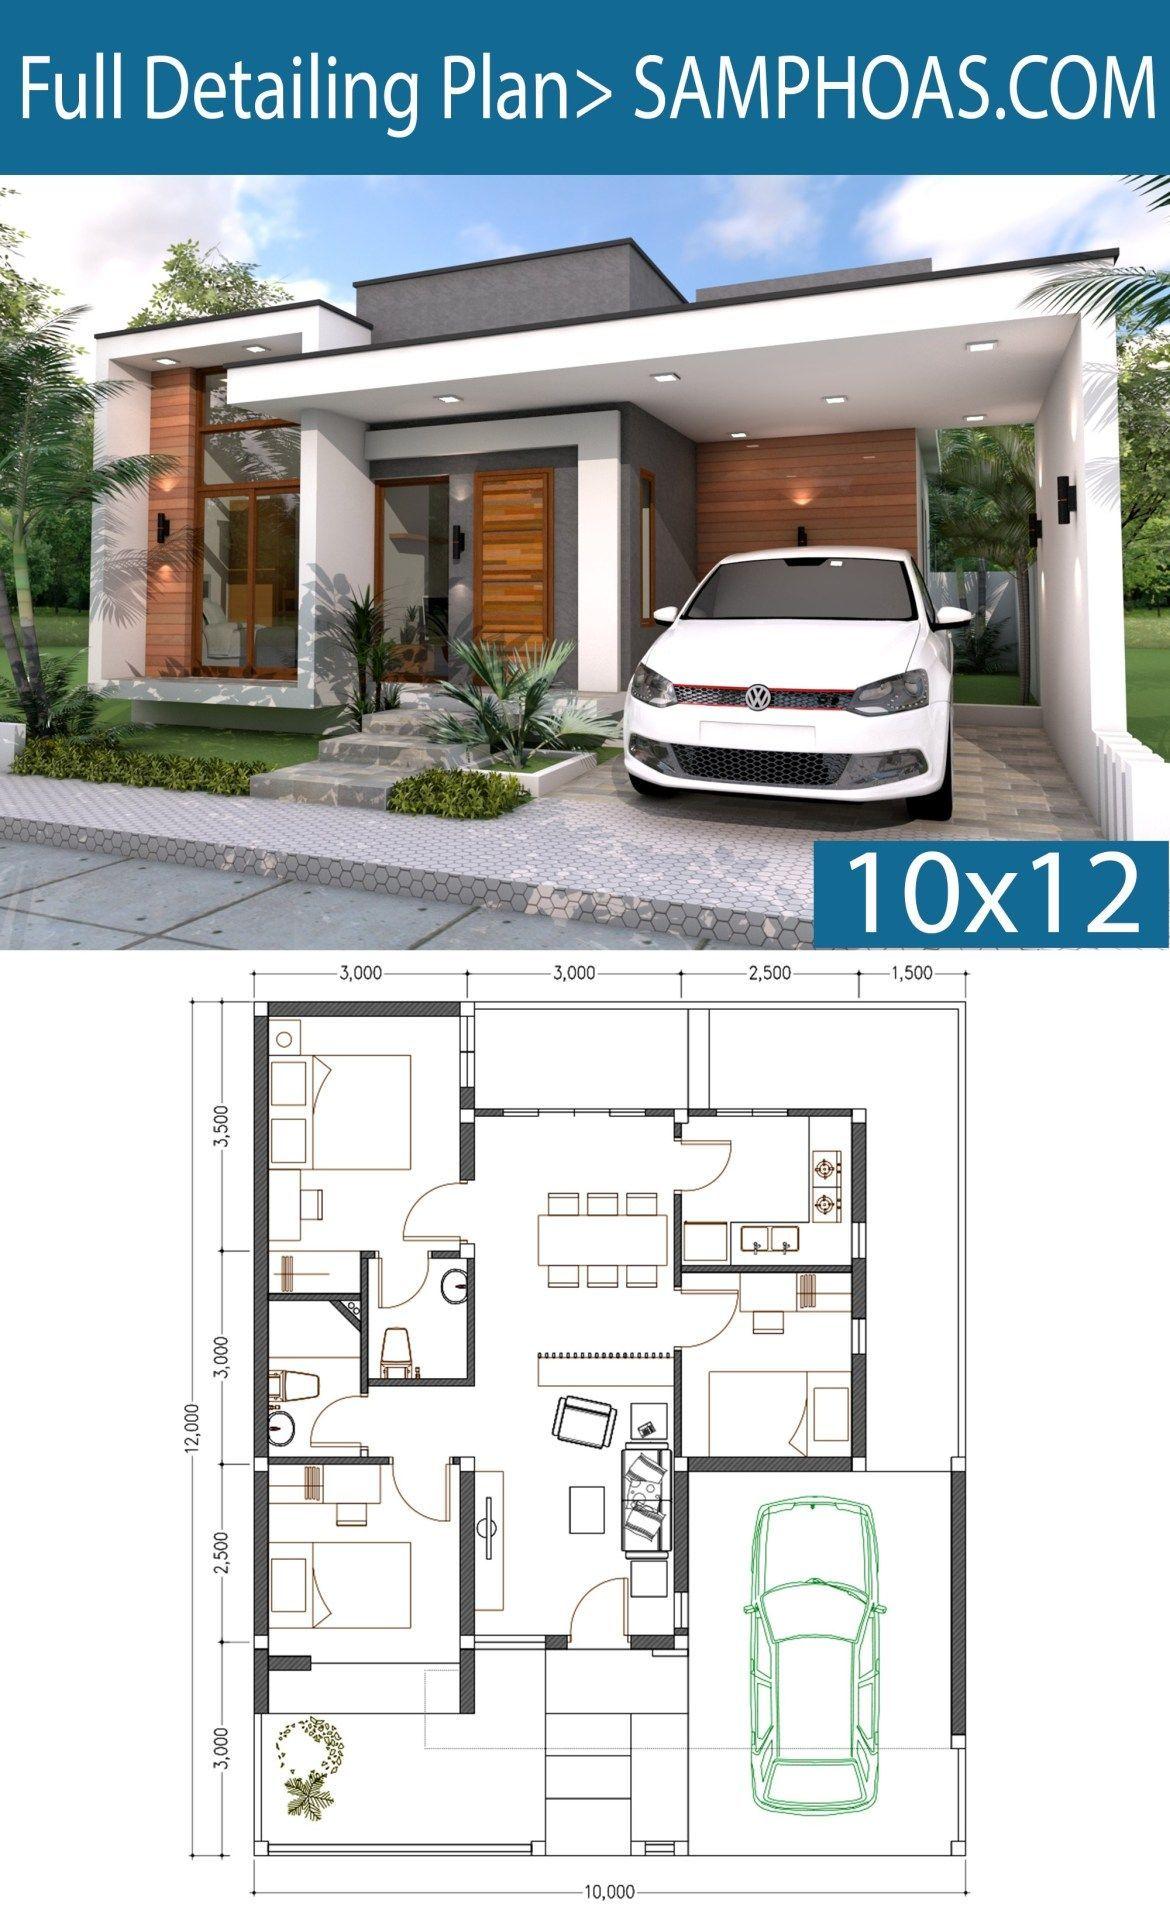 3 Bedrooms Home Design Plan 10x12m Samphoas Plansearch Arsitektur Rumah Denah Rumah Denah Desain Rumah